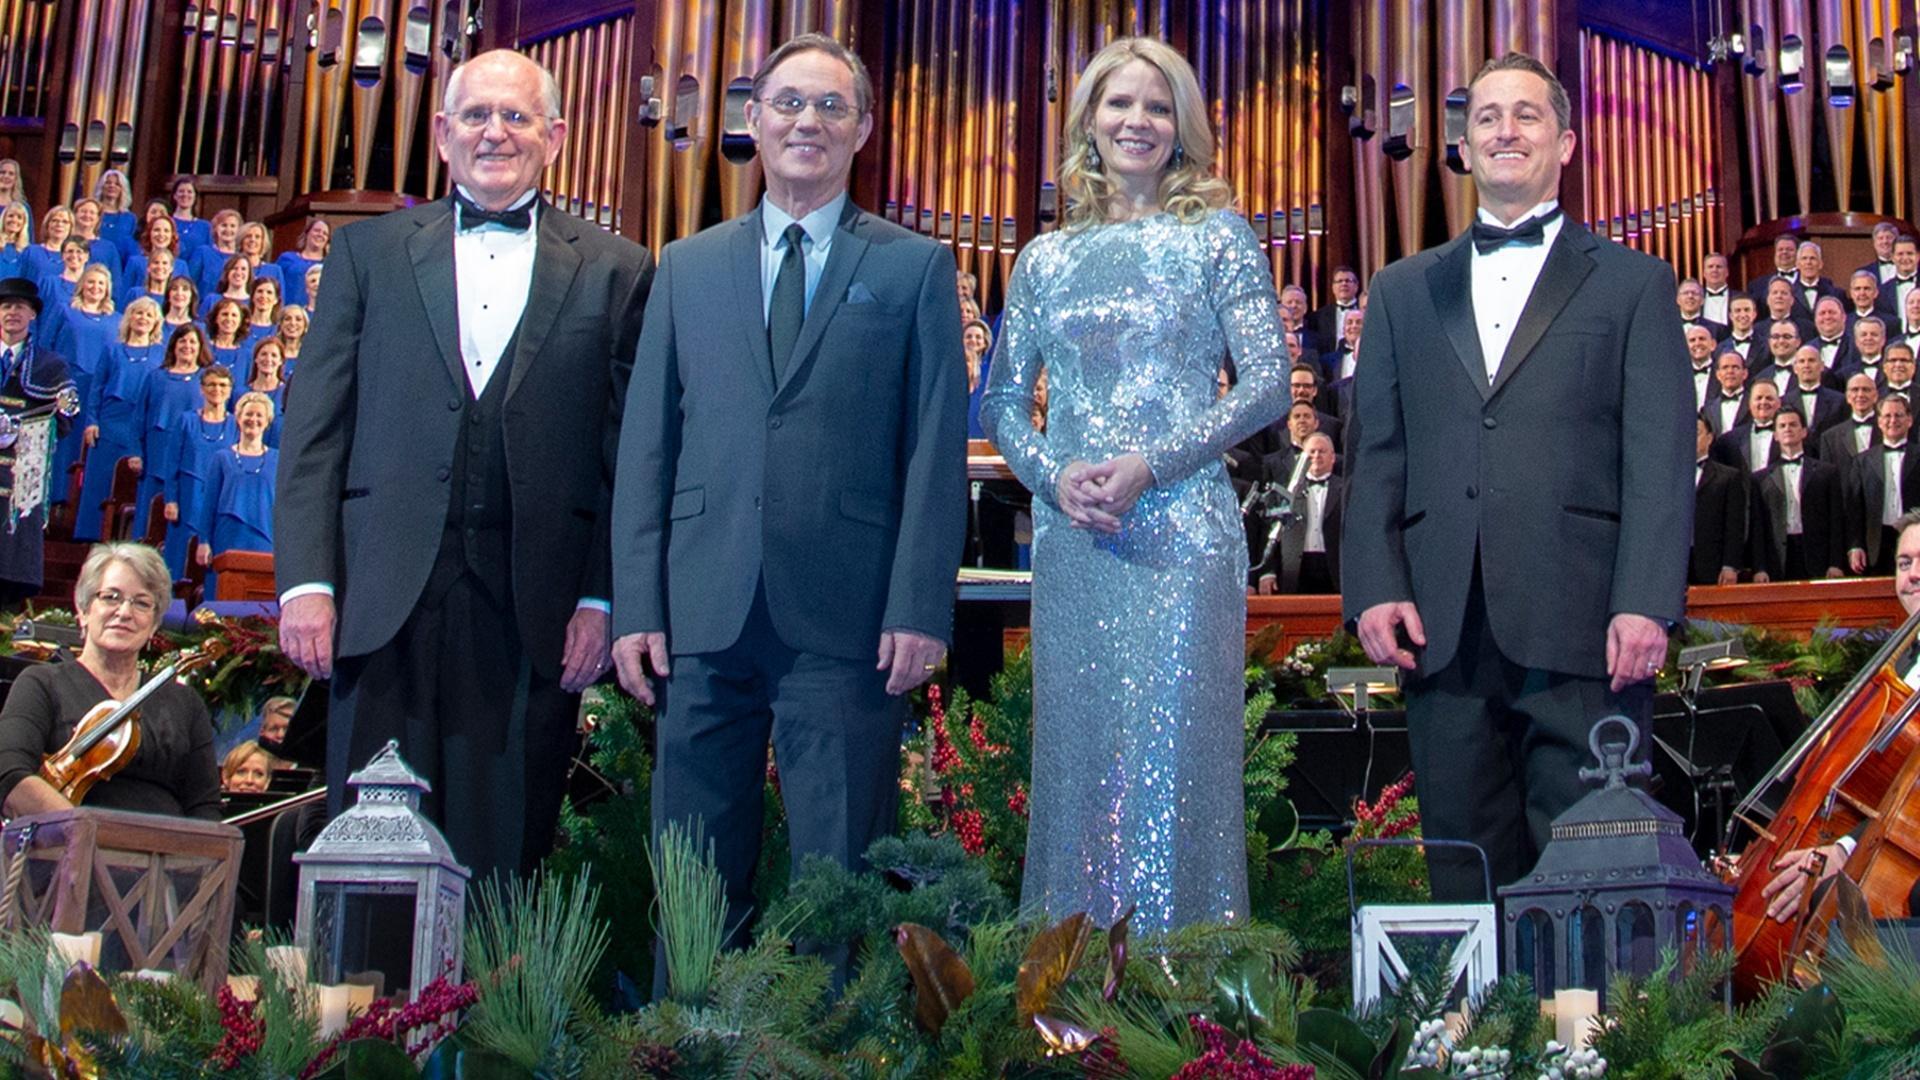 Tabernacle Choir Christmas Concert 2021